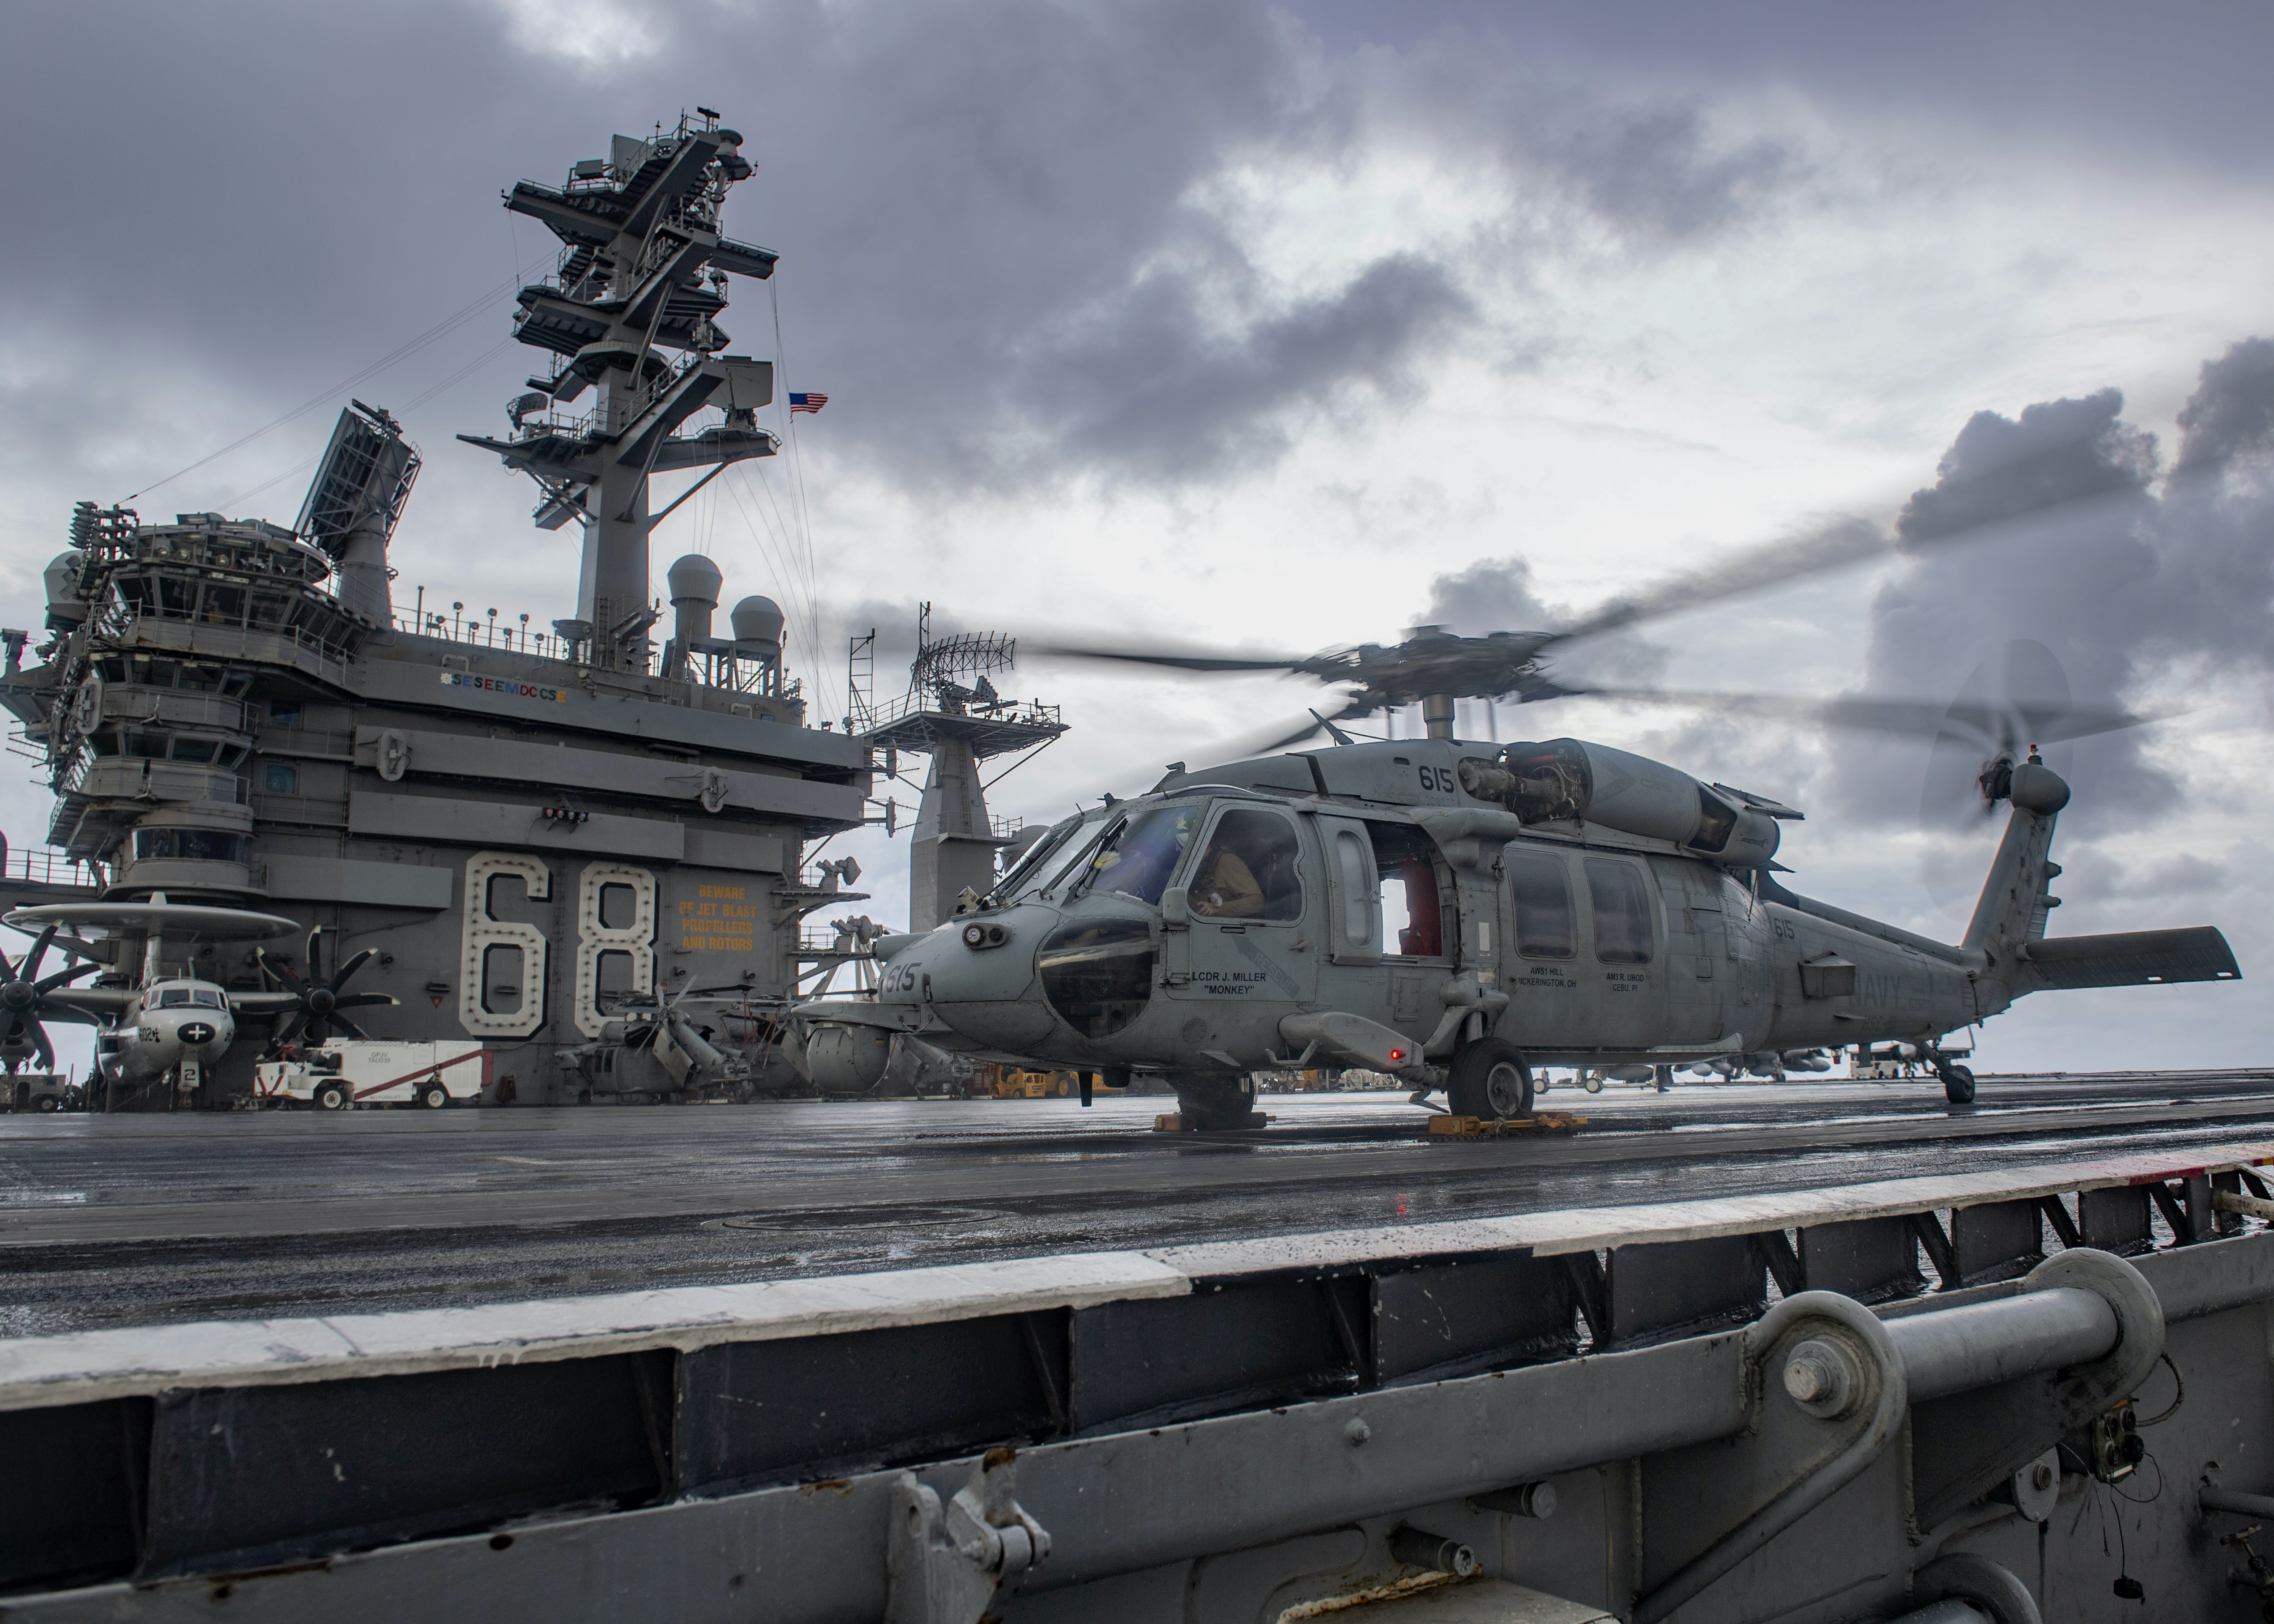 Оперативная сводка по дислокации американского флота на 2 декабря - такого затишья еще НЕ БЫЛО !